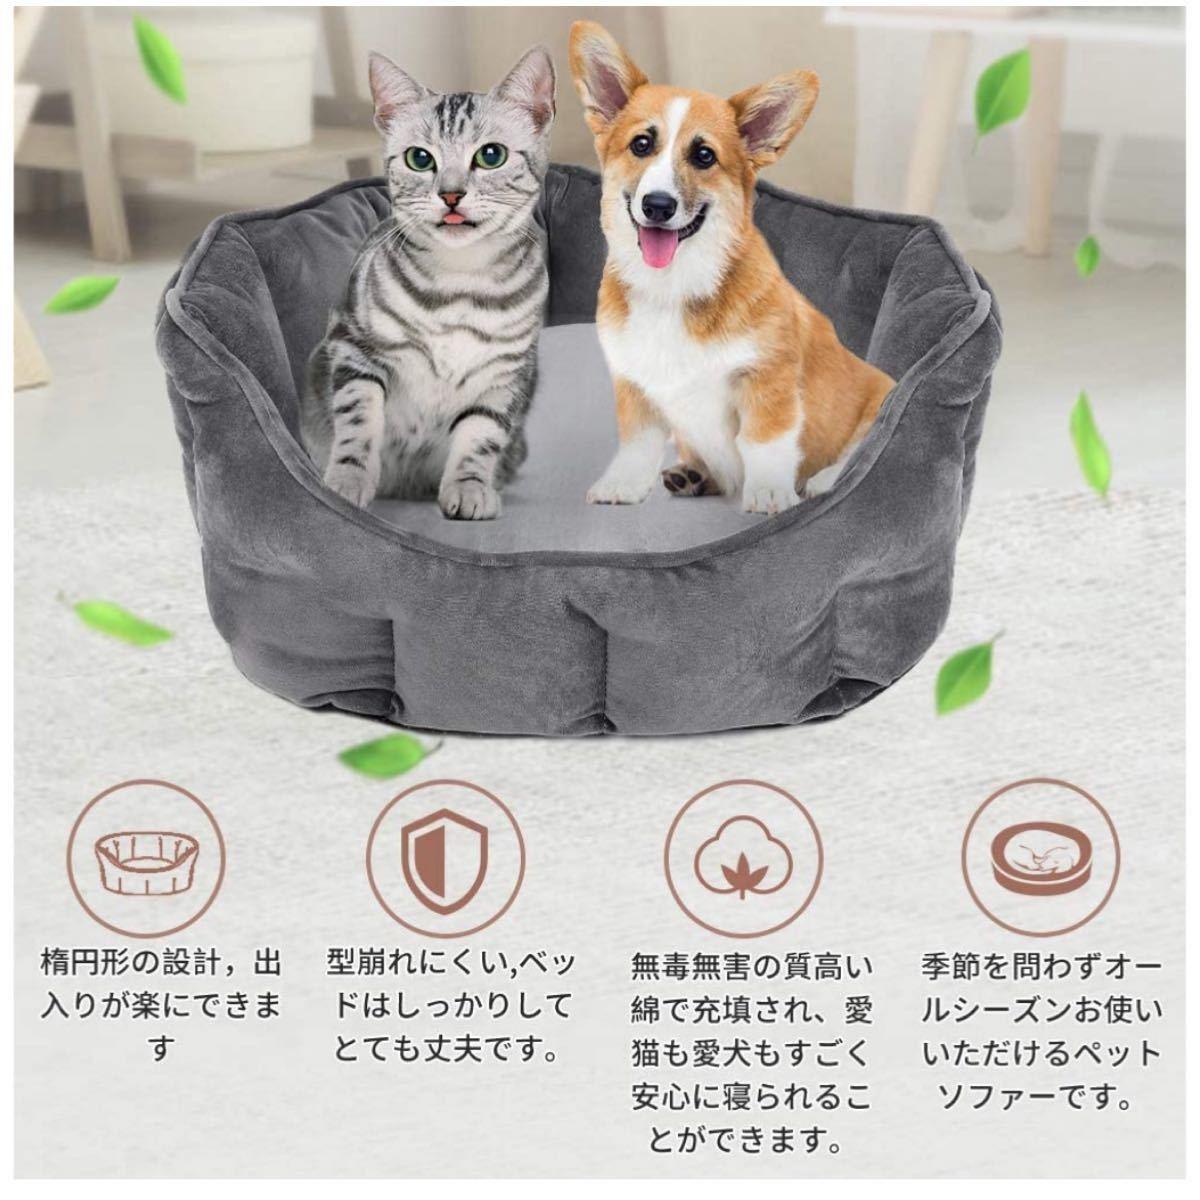 猫 ベッド楕円形 猫ハウス ペットベッドふわふわ 猫用 小型犬用 ペットソファ 犬猫